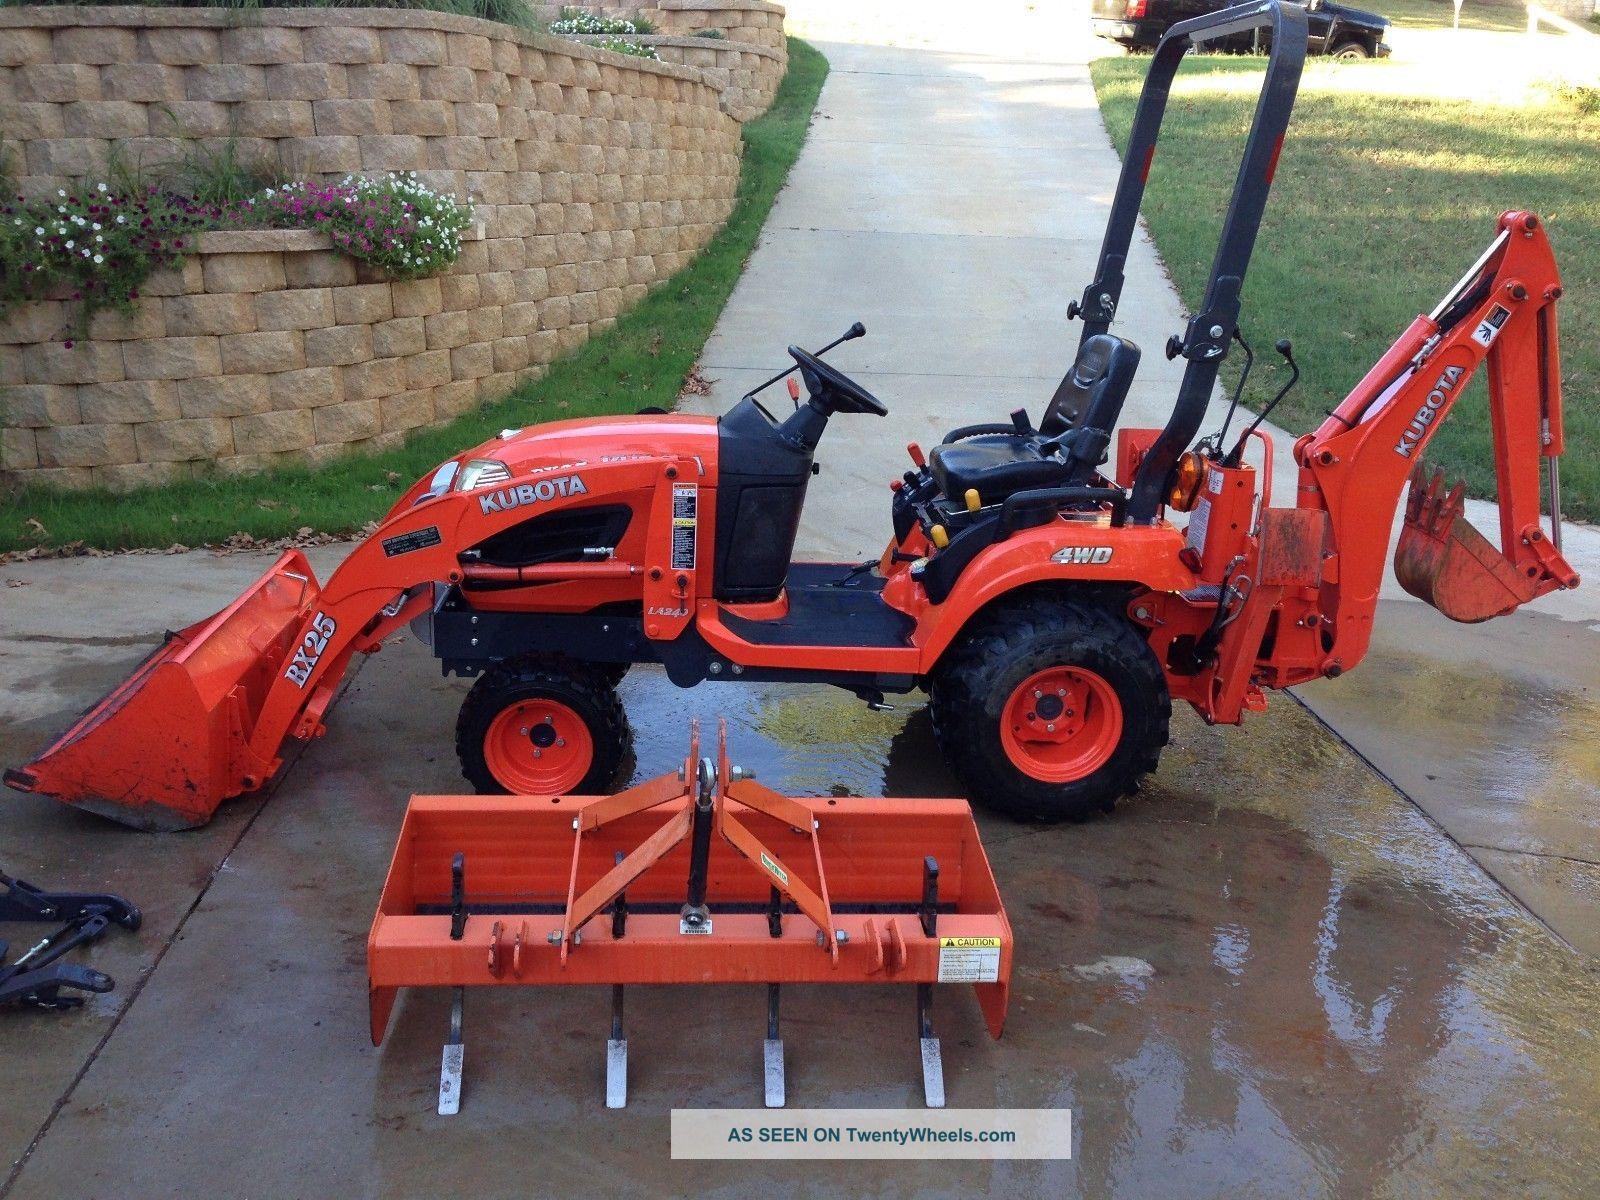 Kubota Box Blade : Kubota bx tractor loader backhoe with box blade